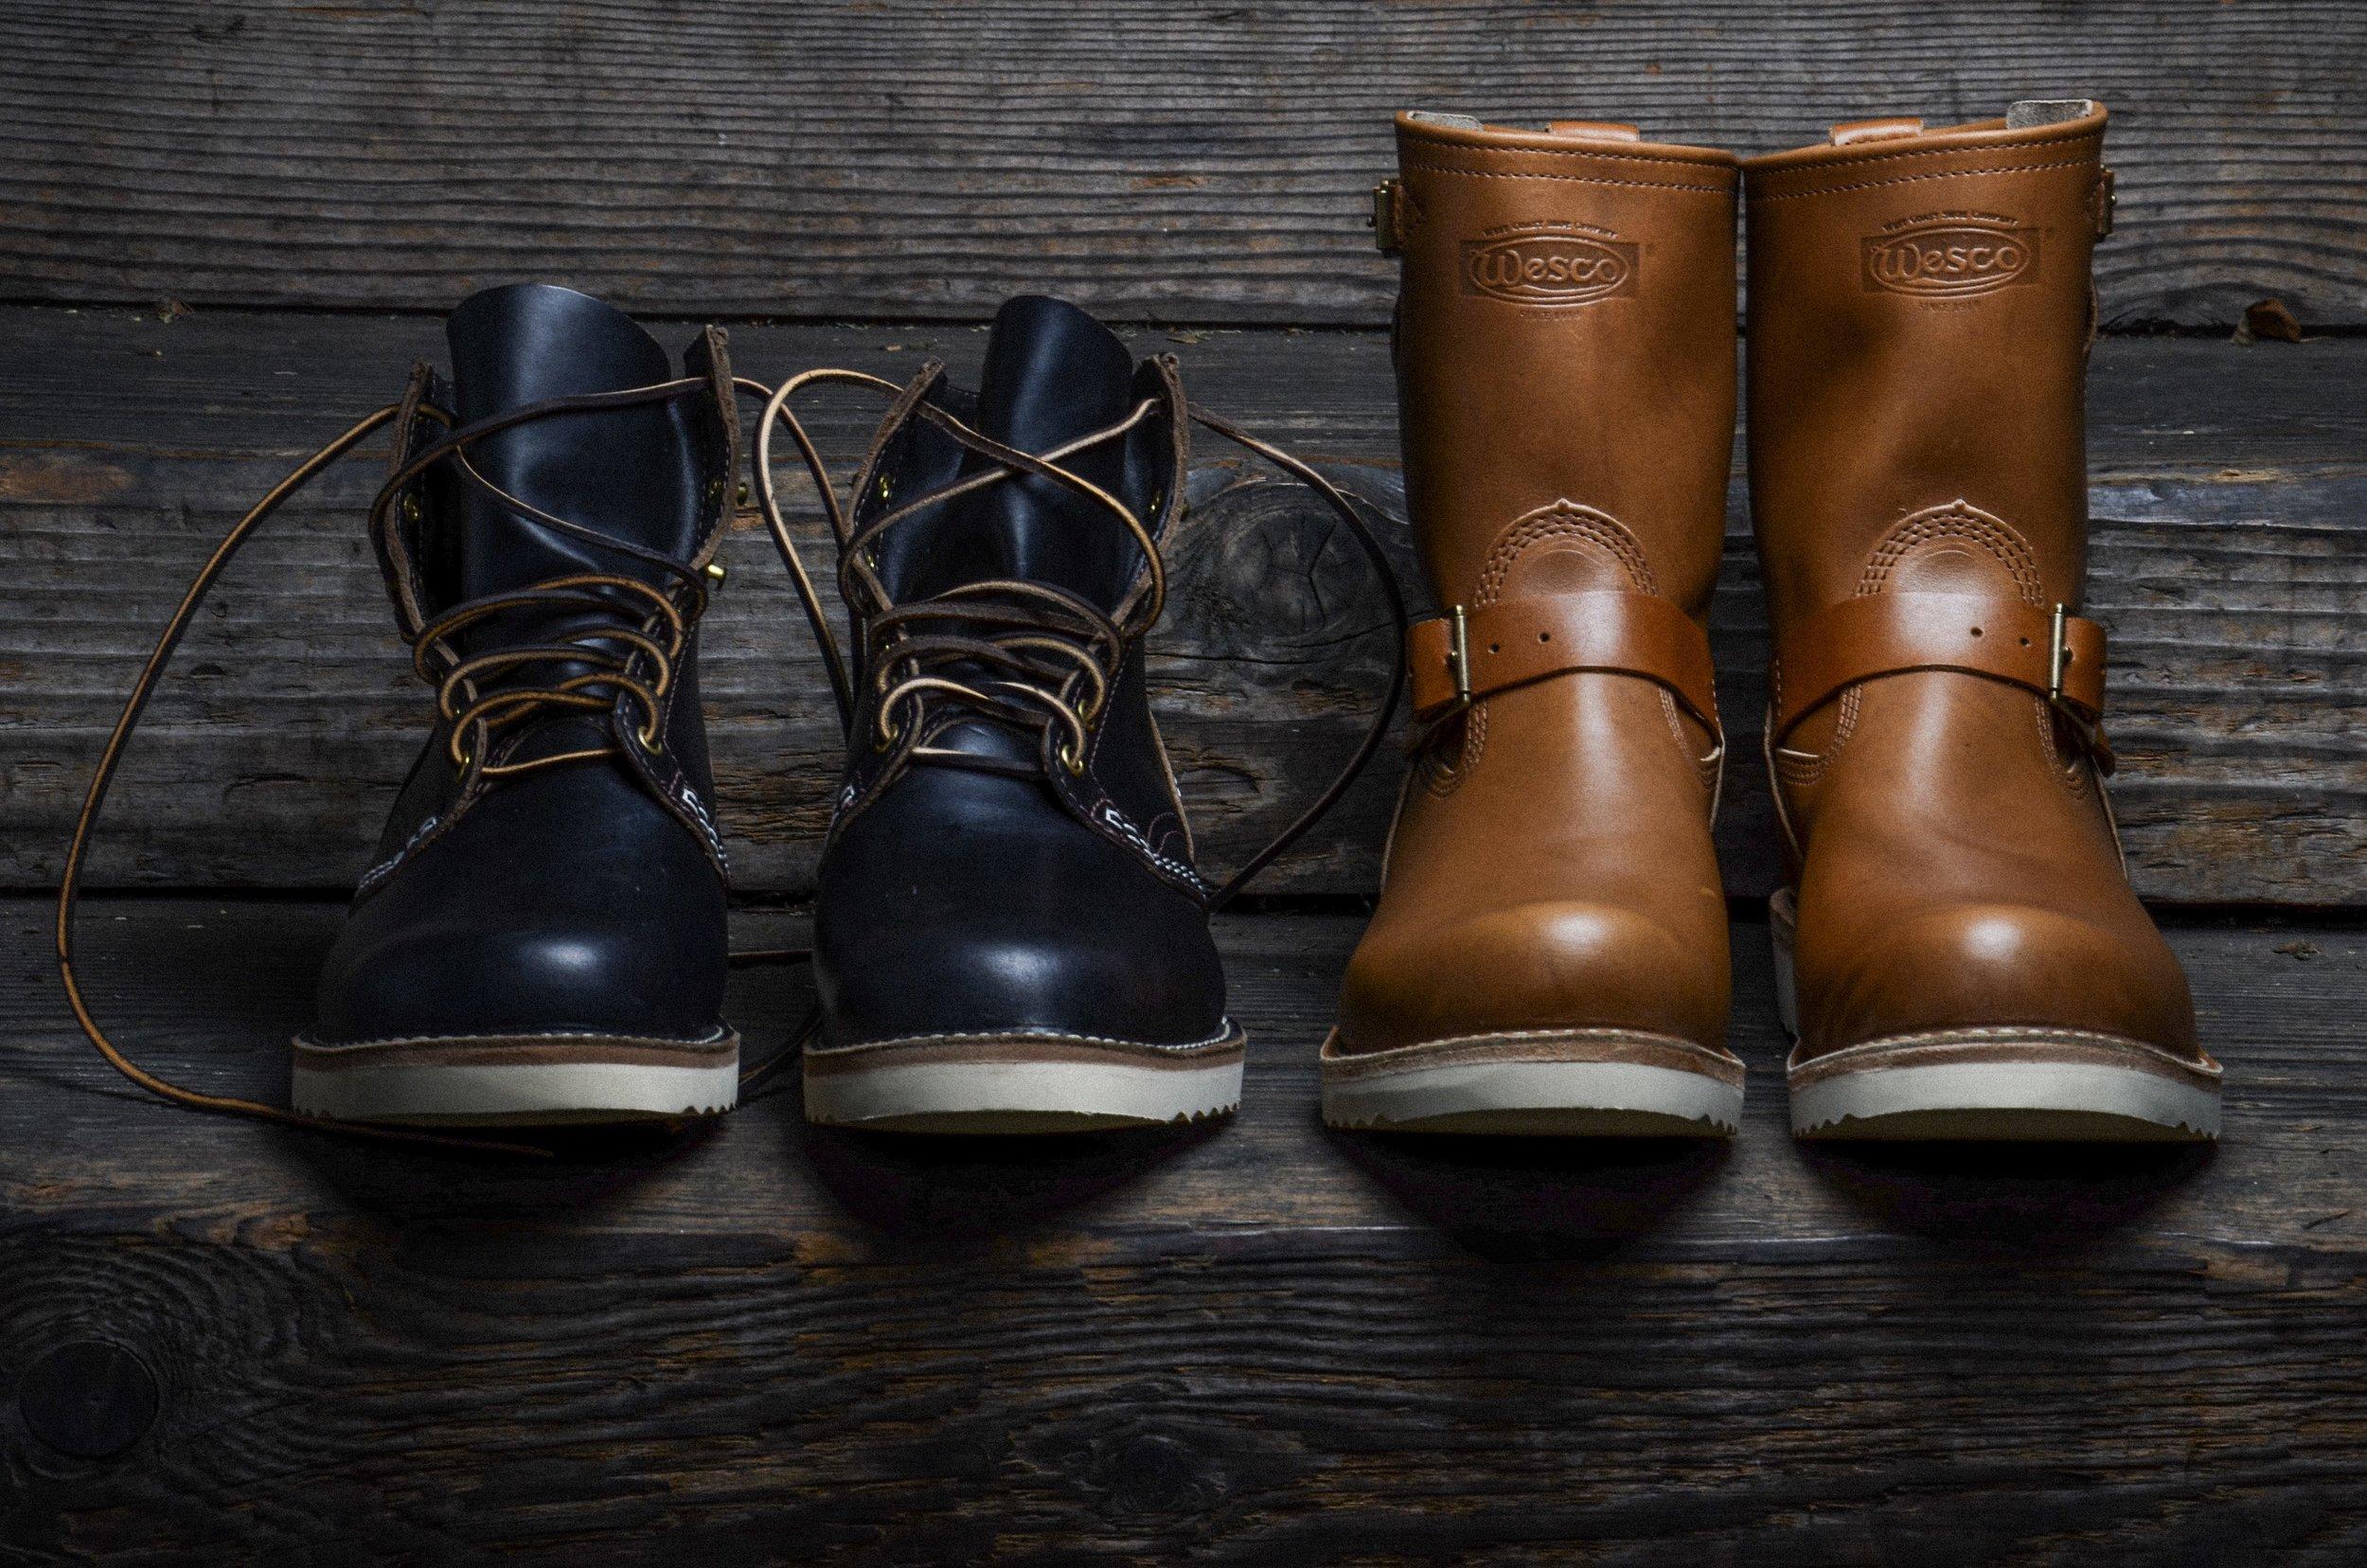 Horween Leather Wesco Boots Black Bear Brand Rio Latigo chromexcel boss jobmaster